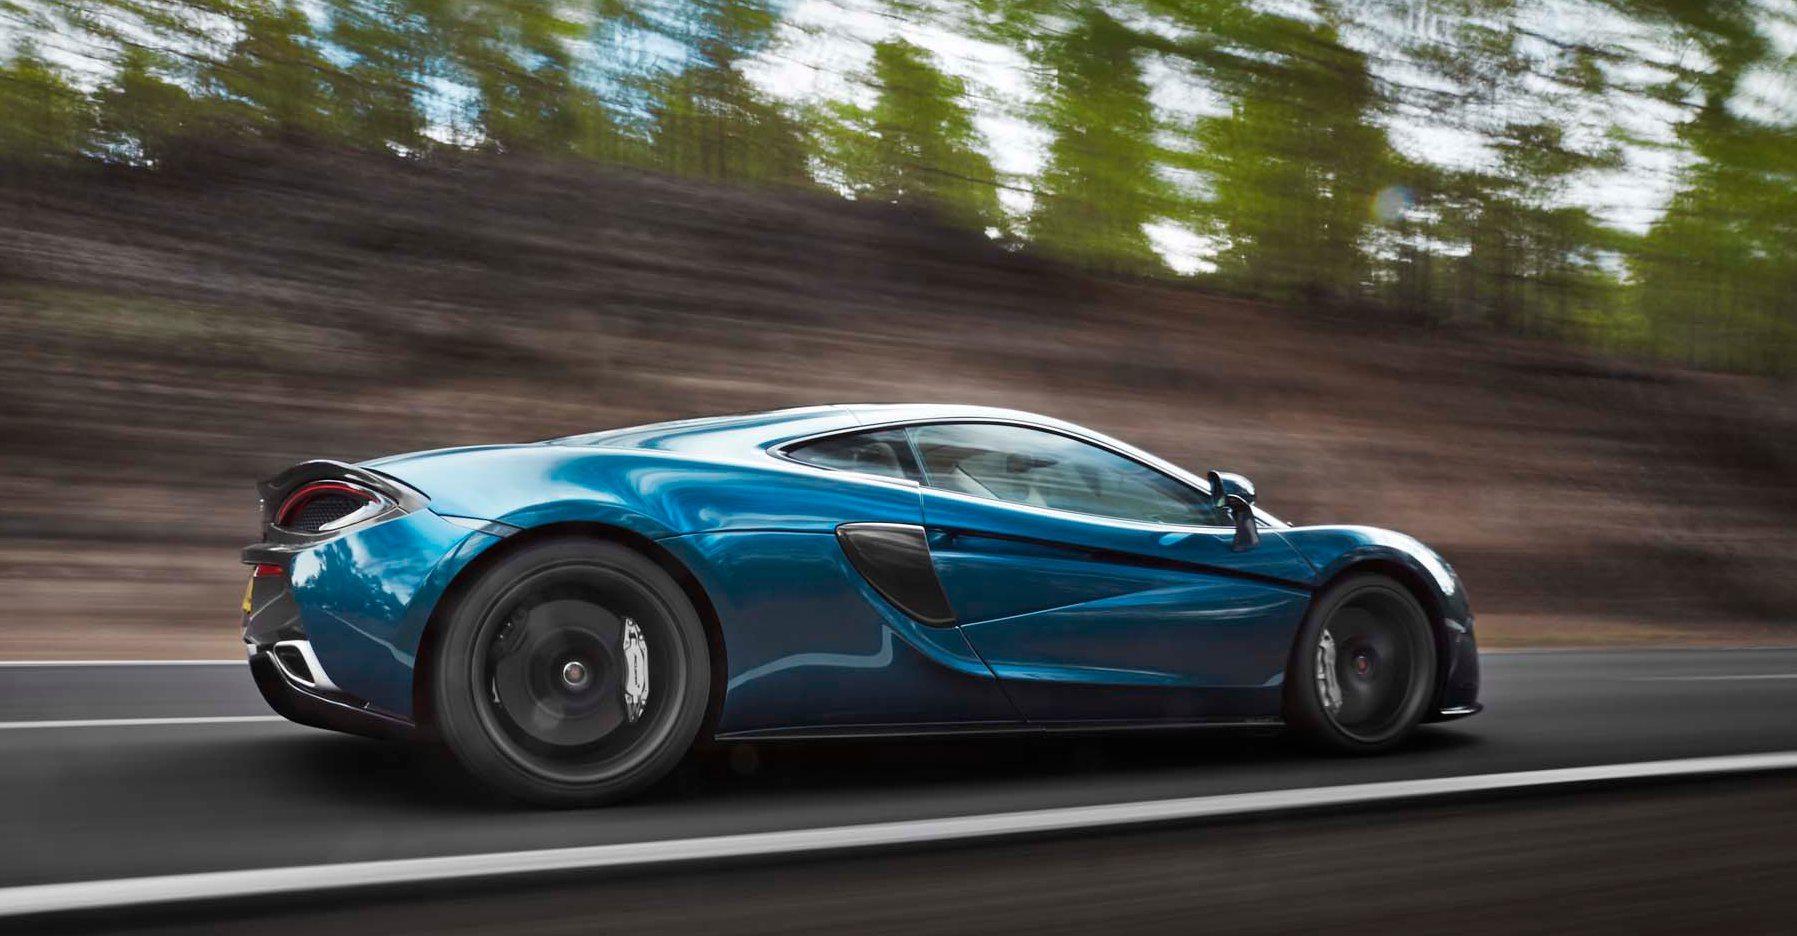 http://www.rimsandtiresmag.com/wp-content/uploads/2016/06/2017-McLaren-570GT-feat.jpg